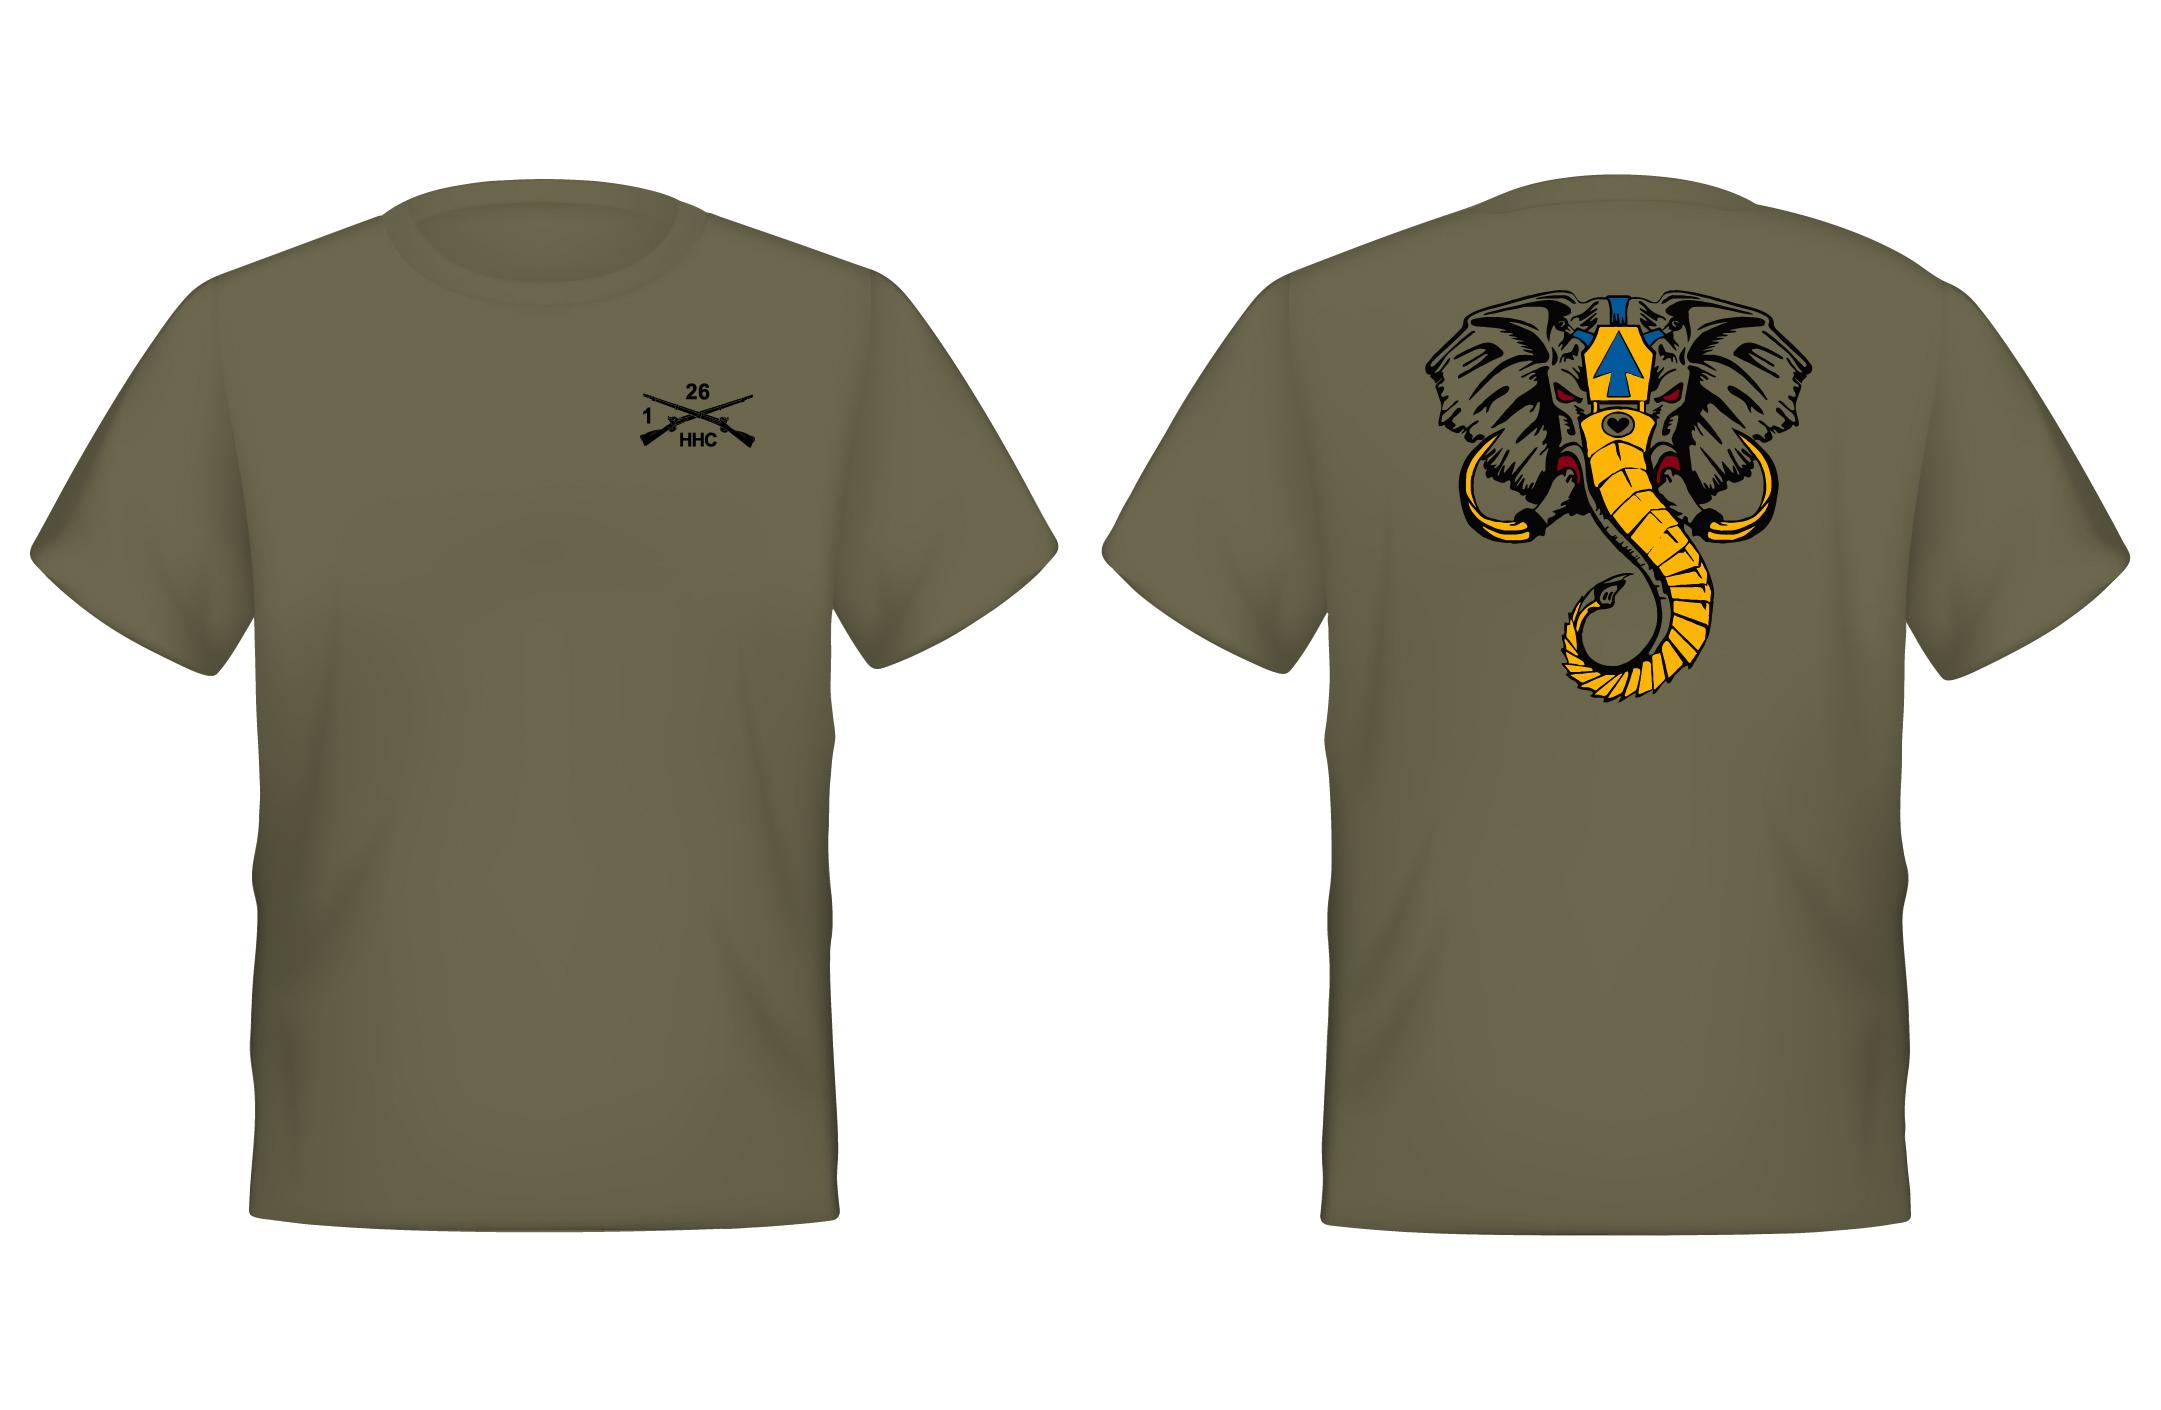 HHC 1 26 IN 2 BCT Shirt 2020-06